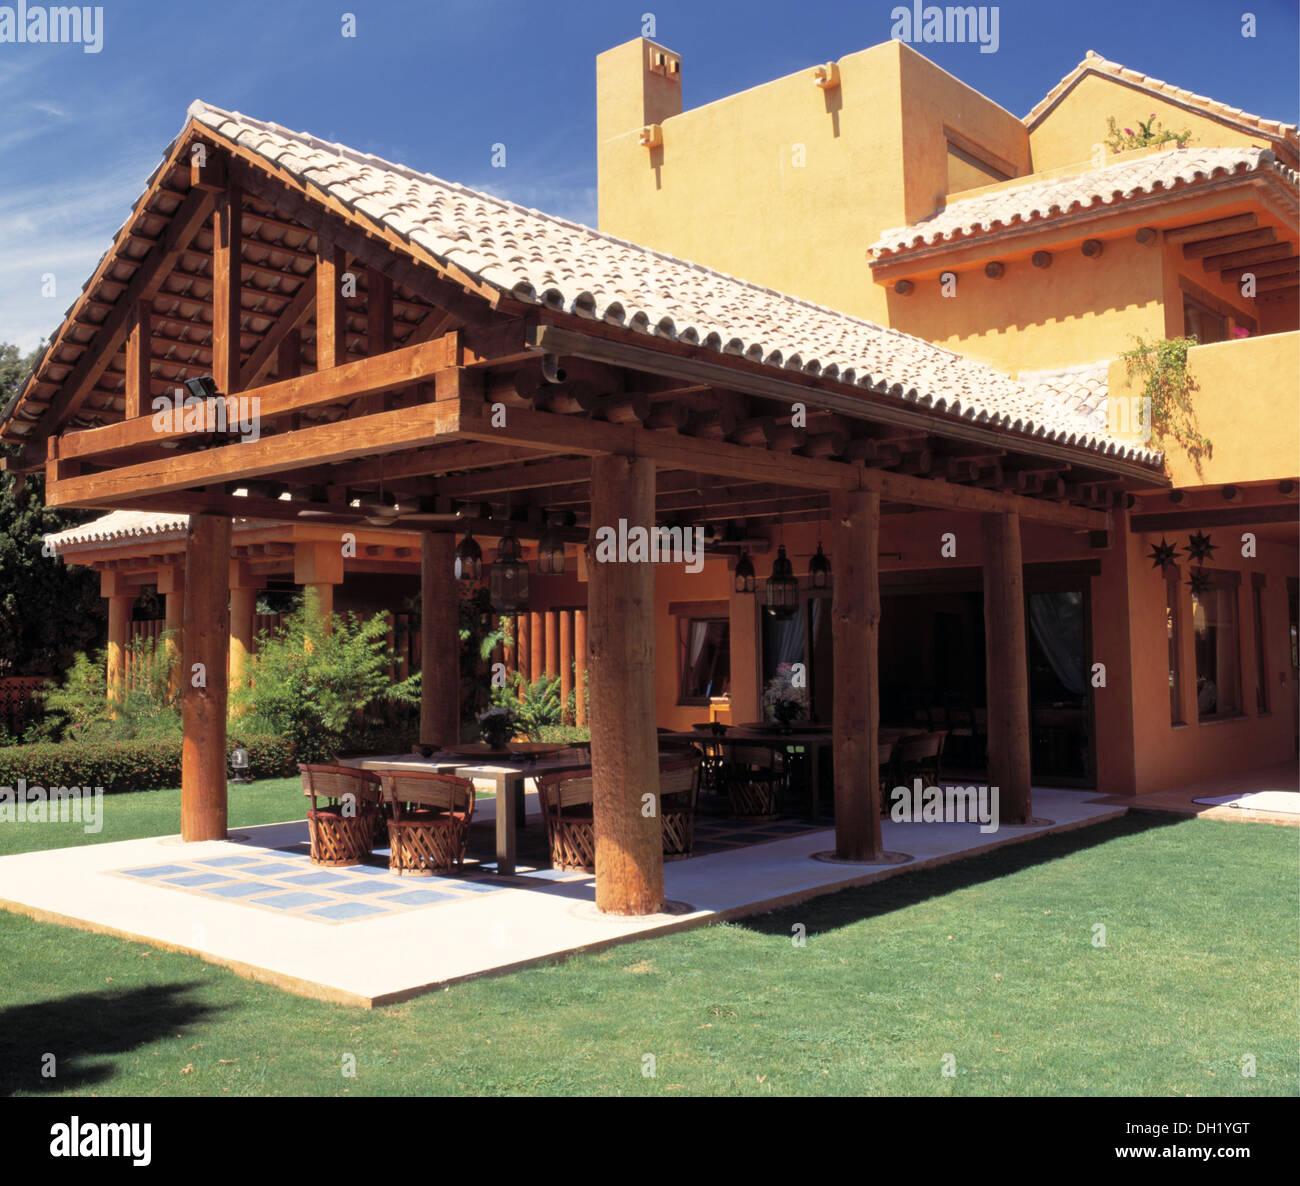 Techo De Tejas En La Gran Terraza De Villa Española Moderna